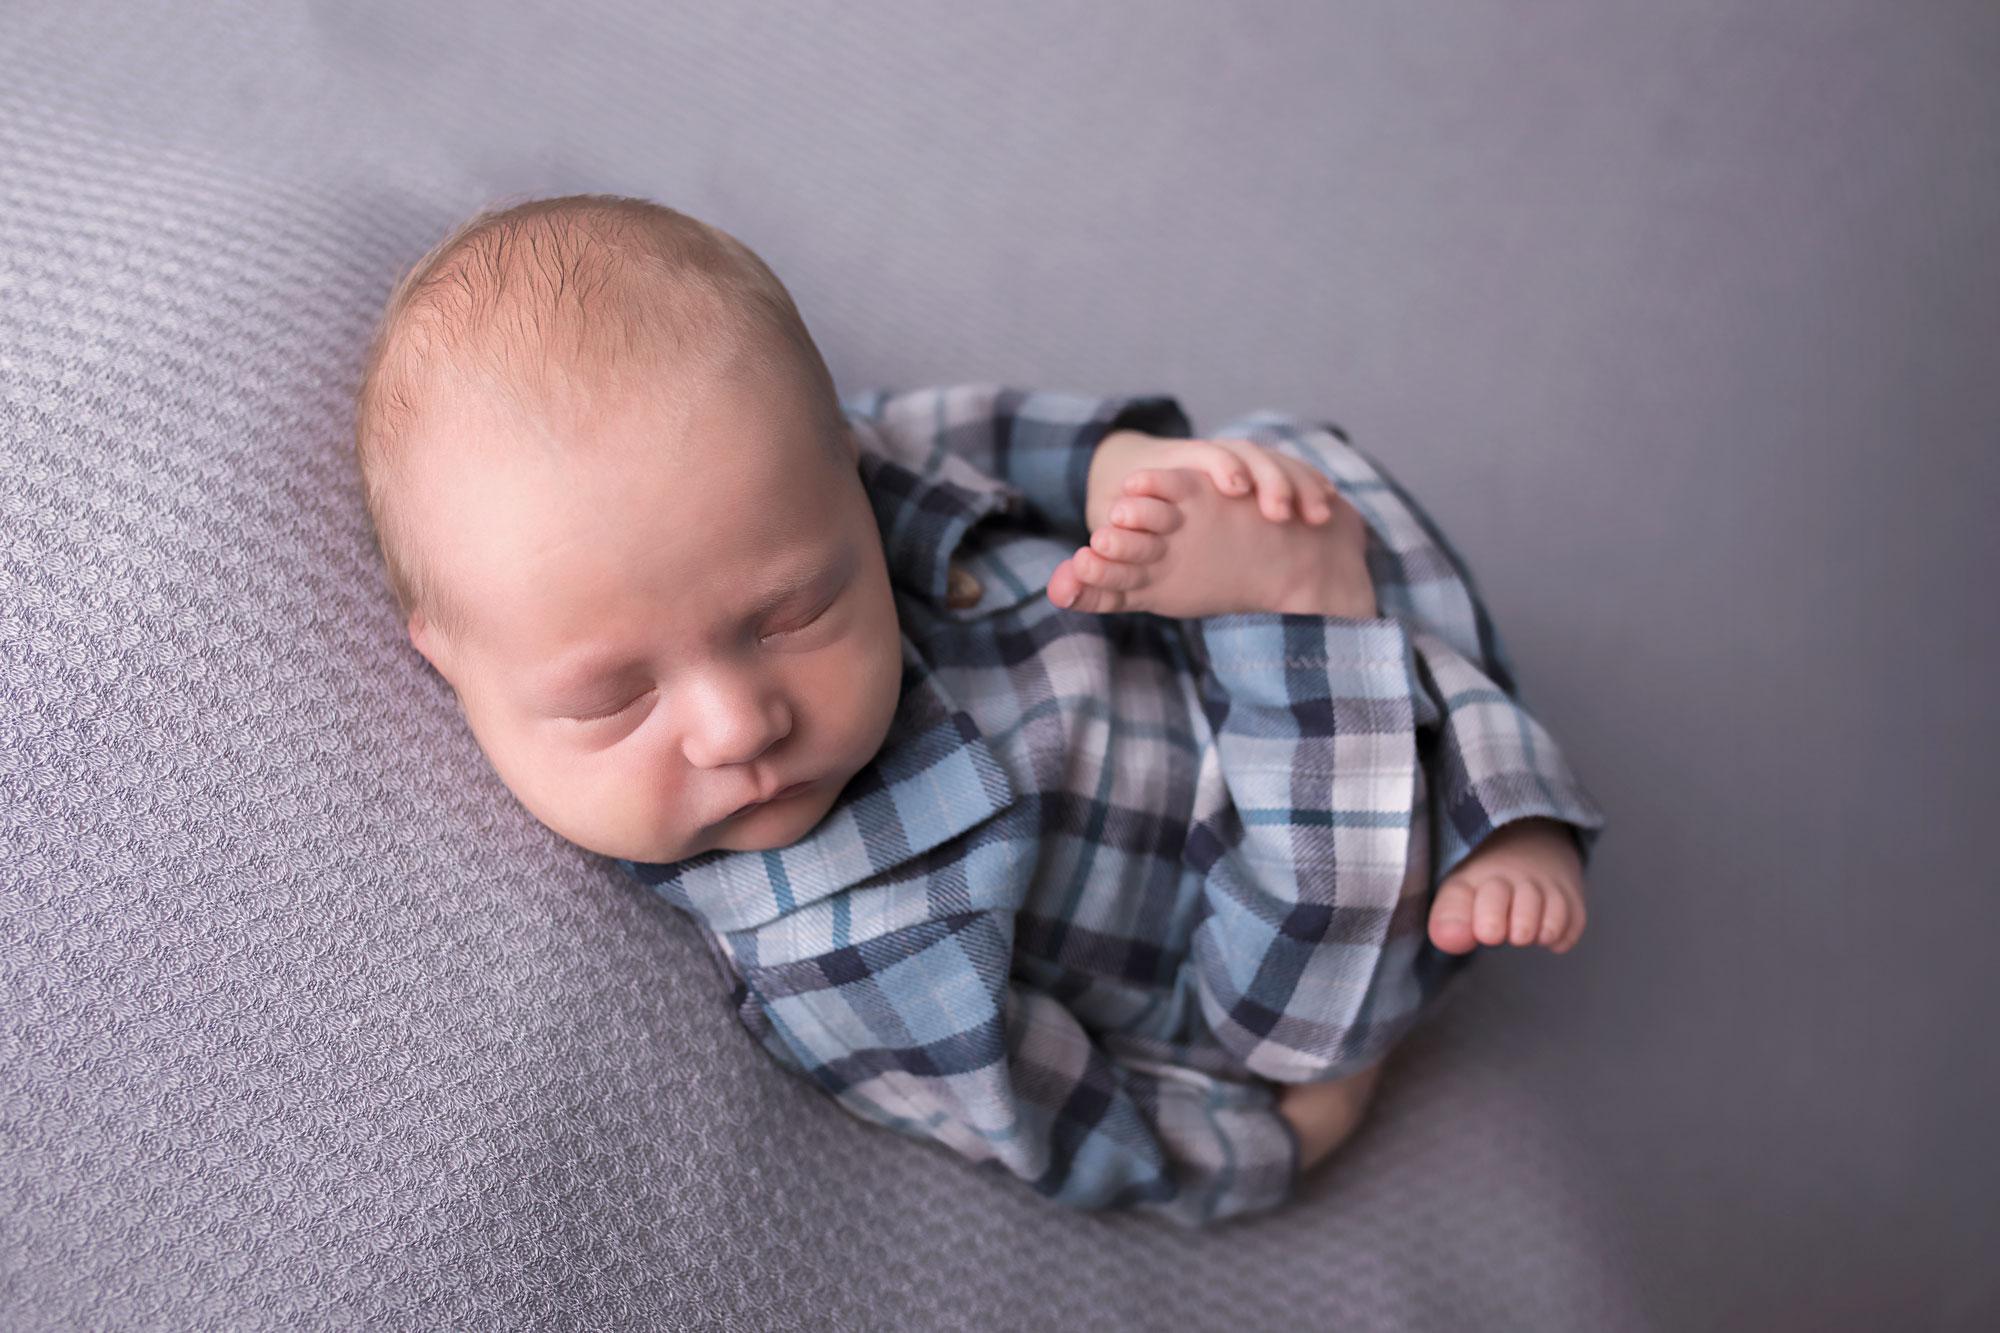 knoxville-newborn-photographer-studio-pajamas.jpg